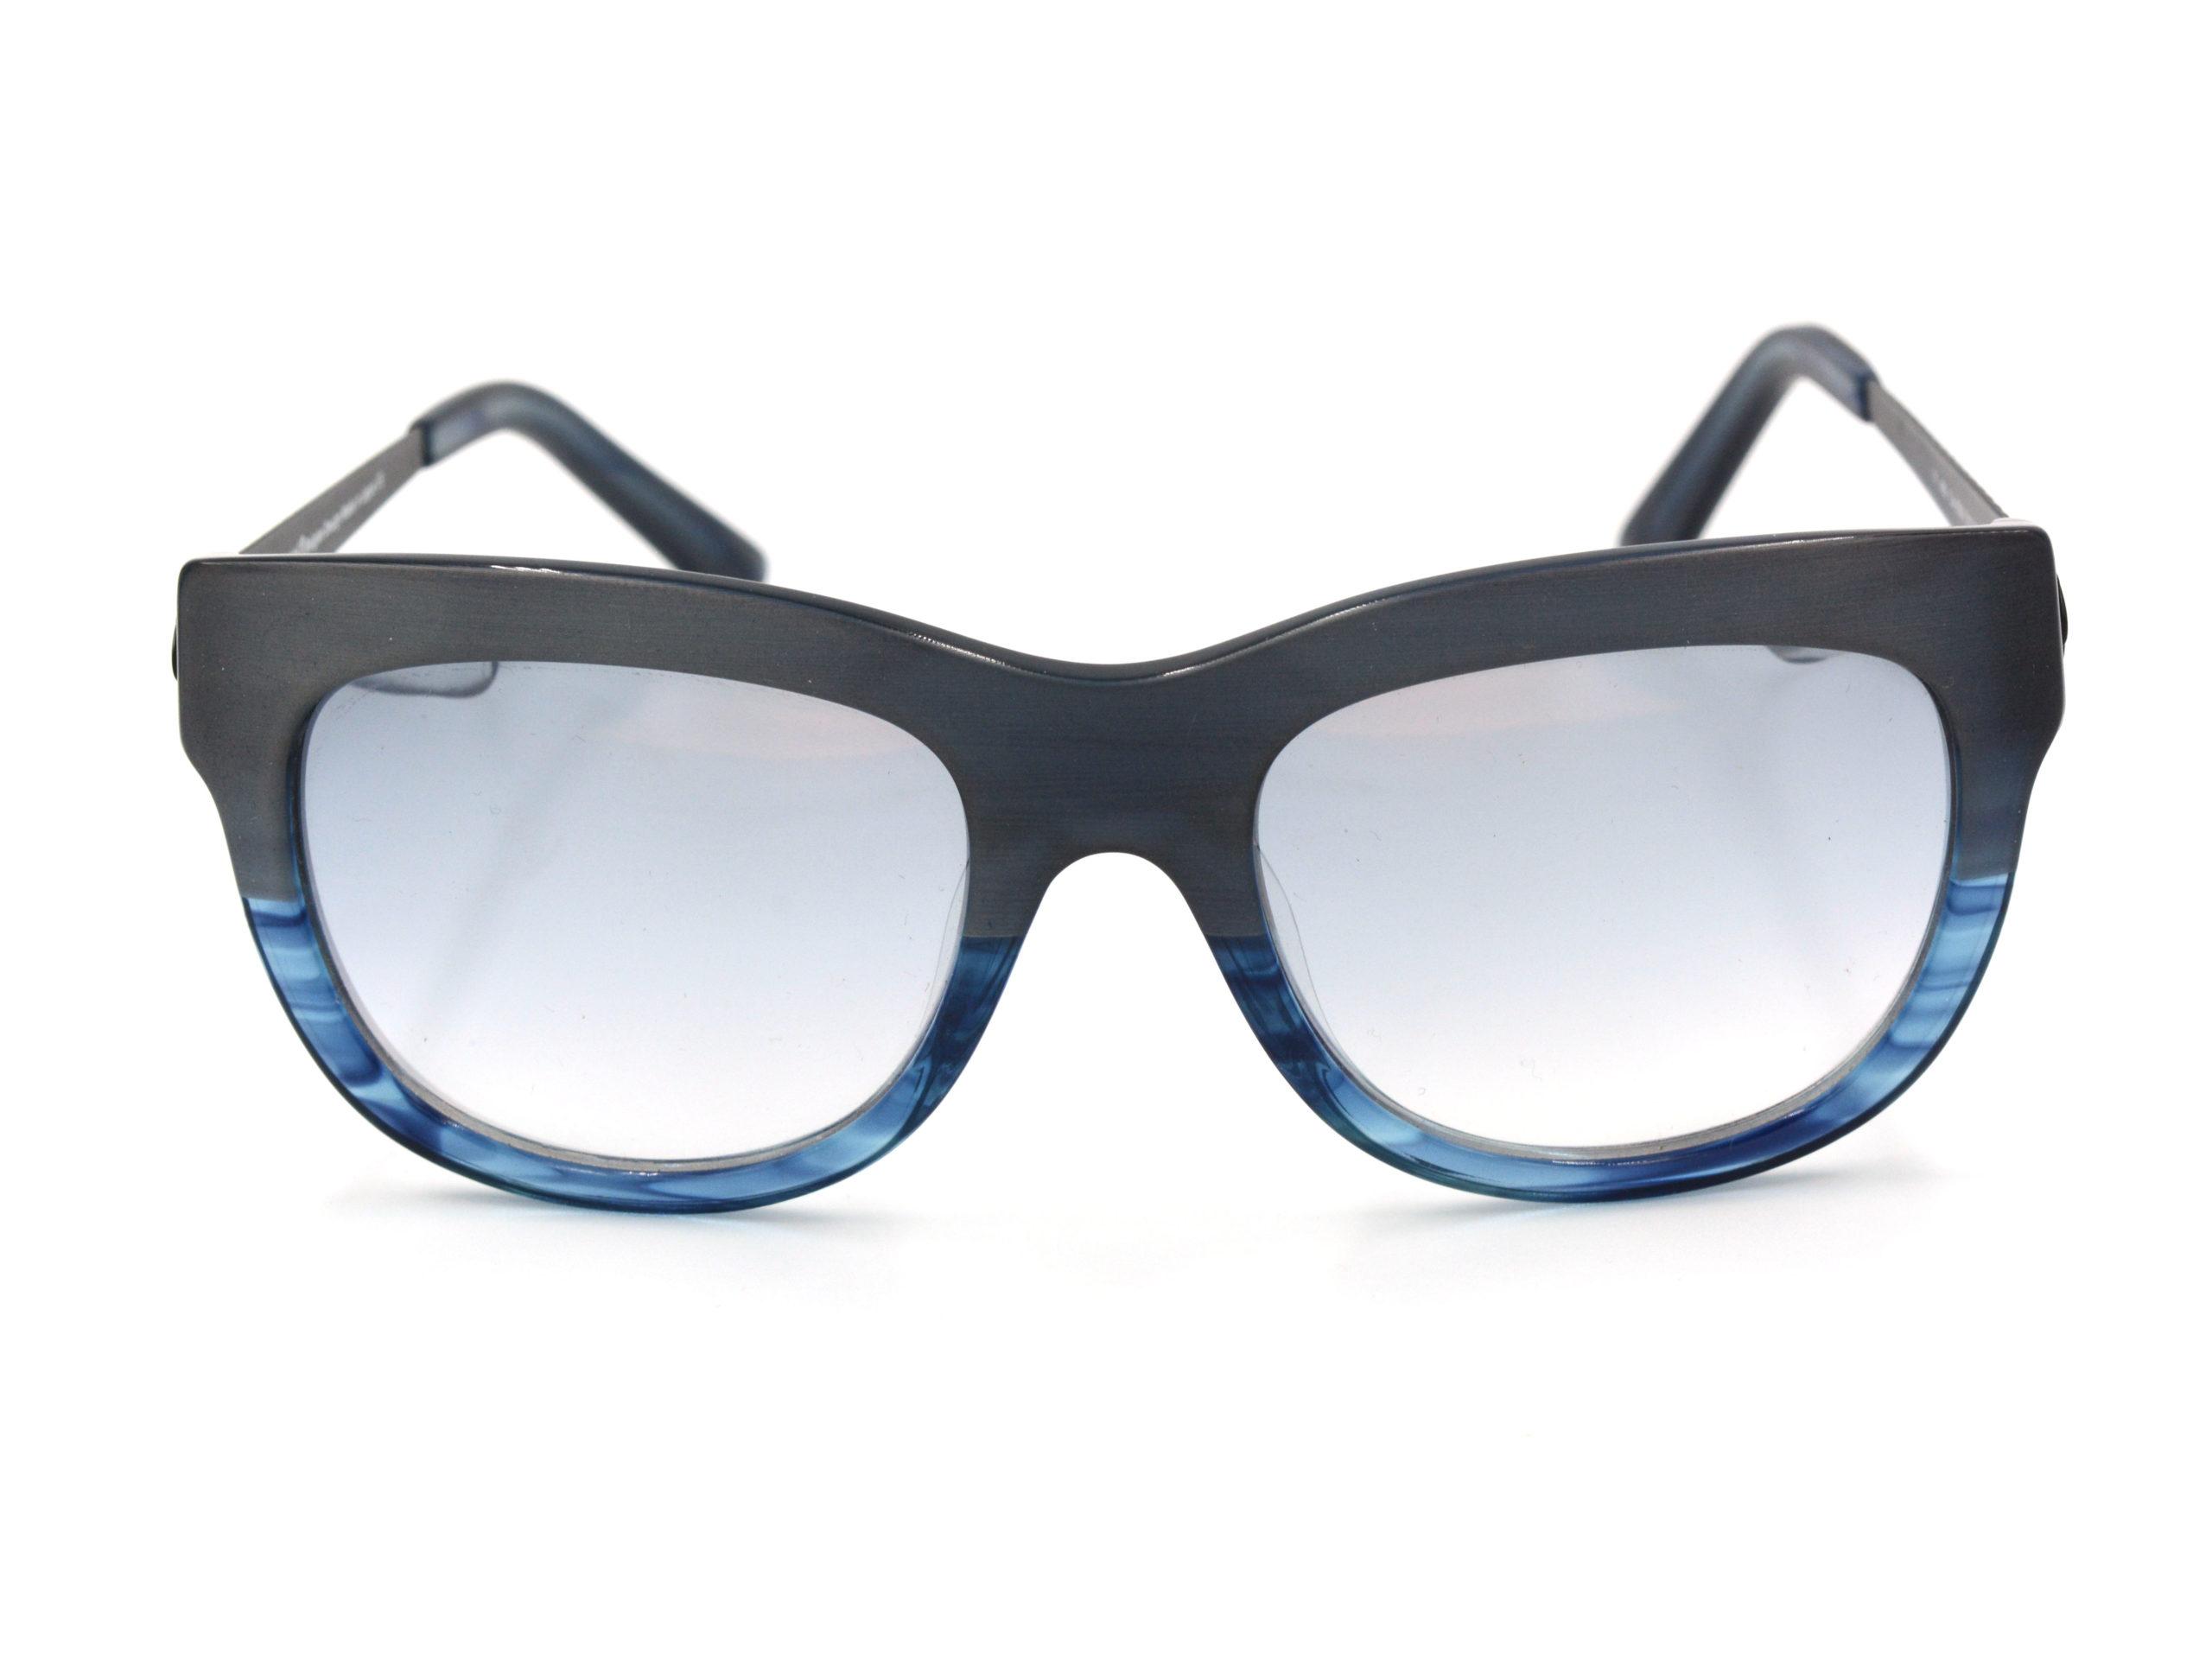 Γυαλιά ηλίου IYOKO INYAKE IY732 Πειραιάς